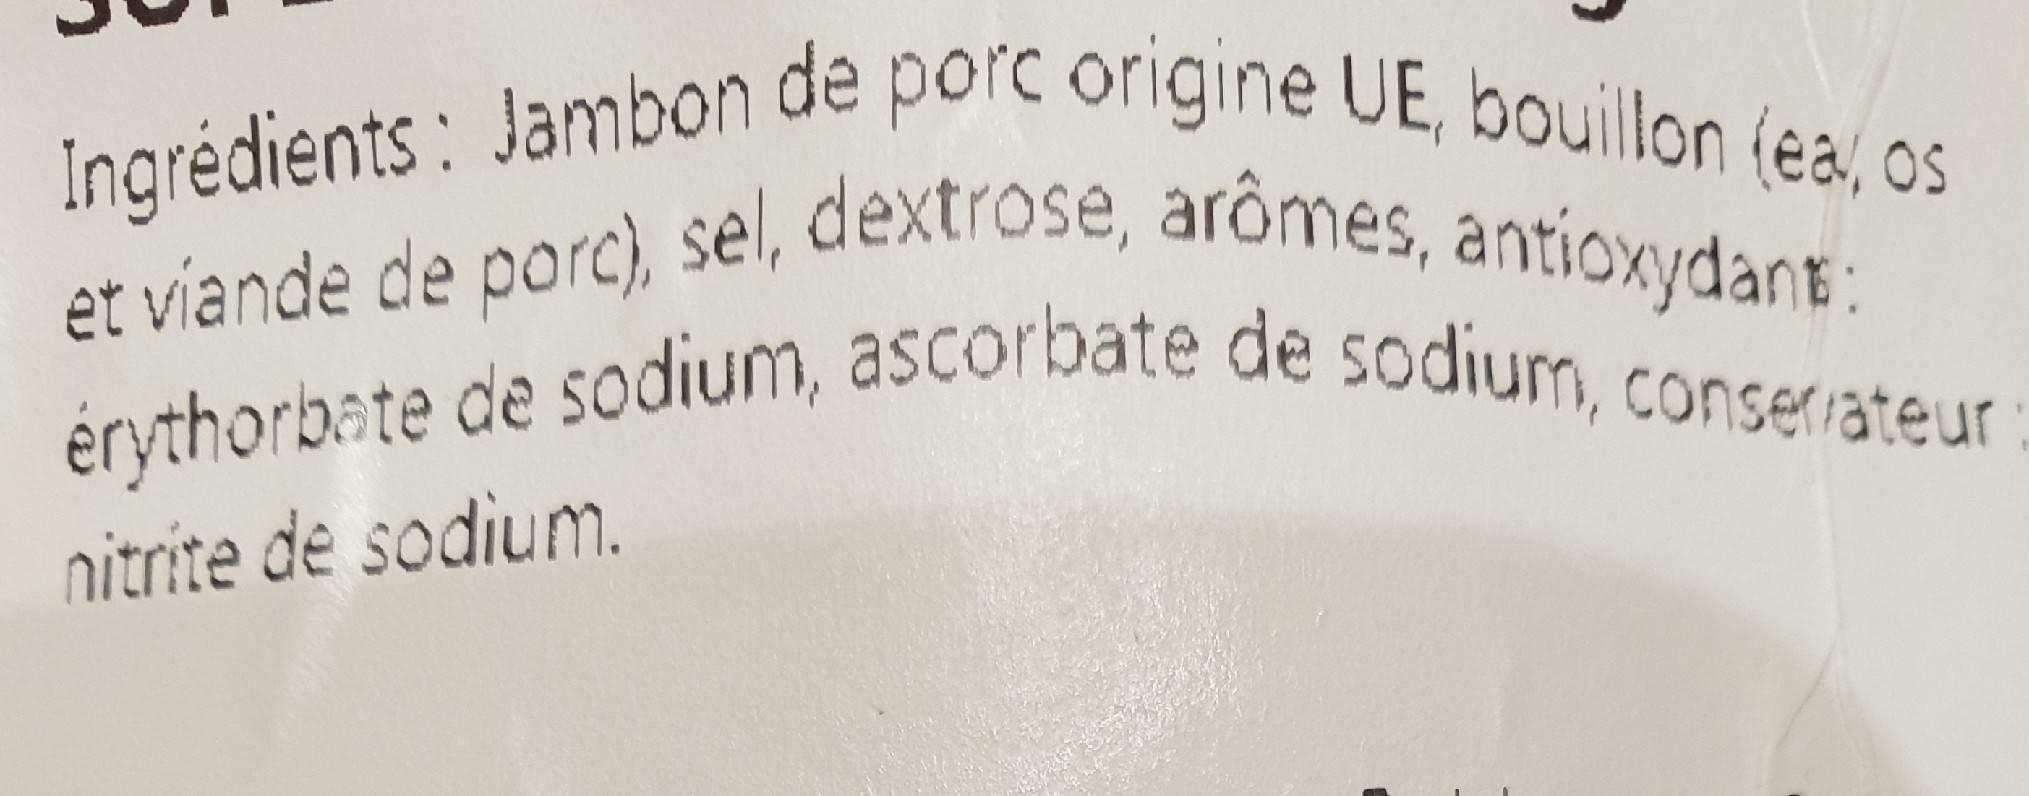 Jambon cuit supérieur 1 kg - Ingrédients